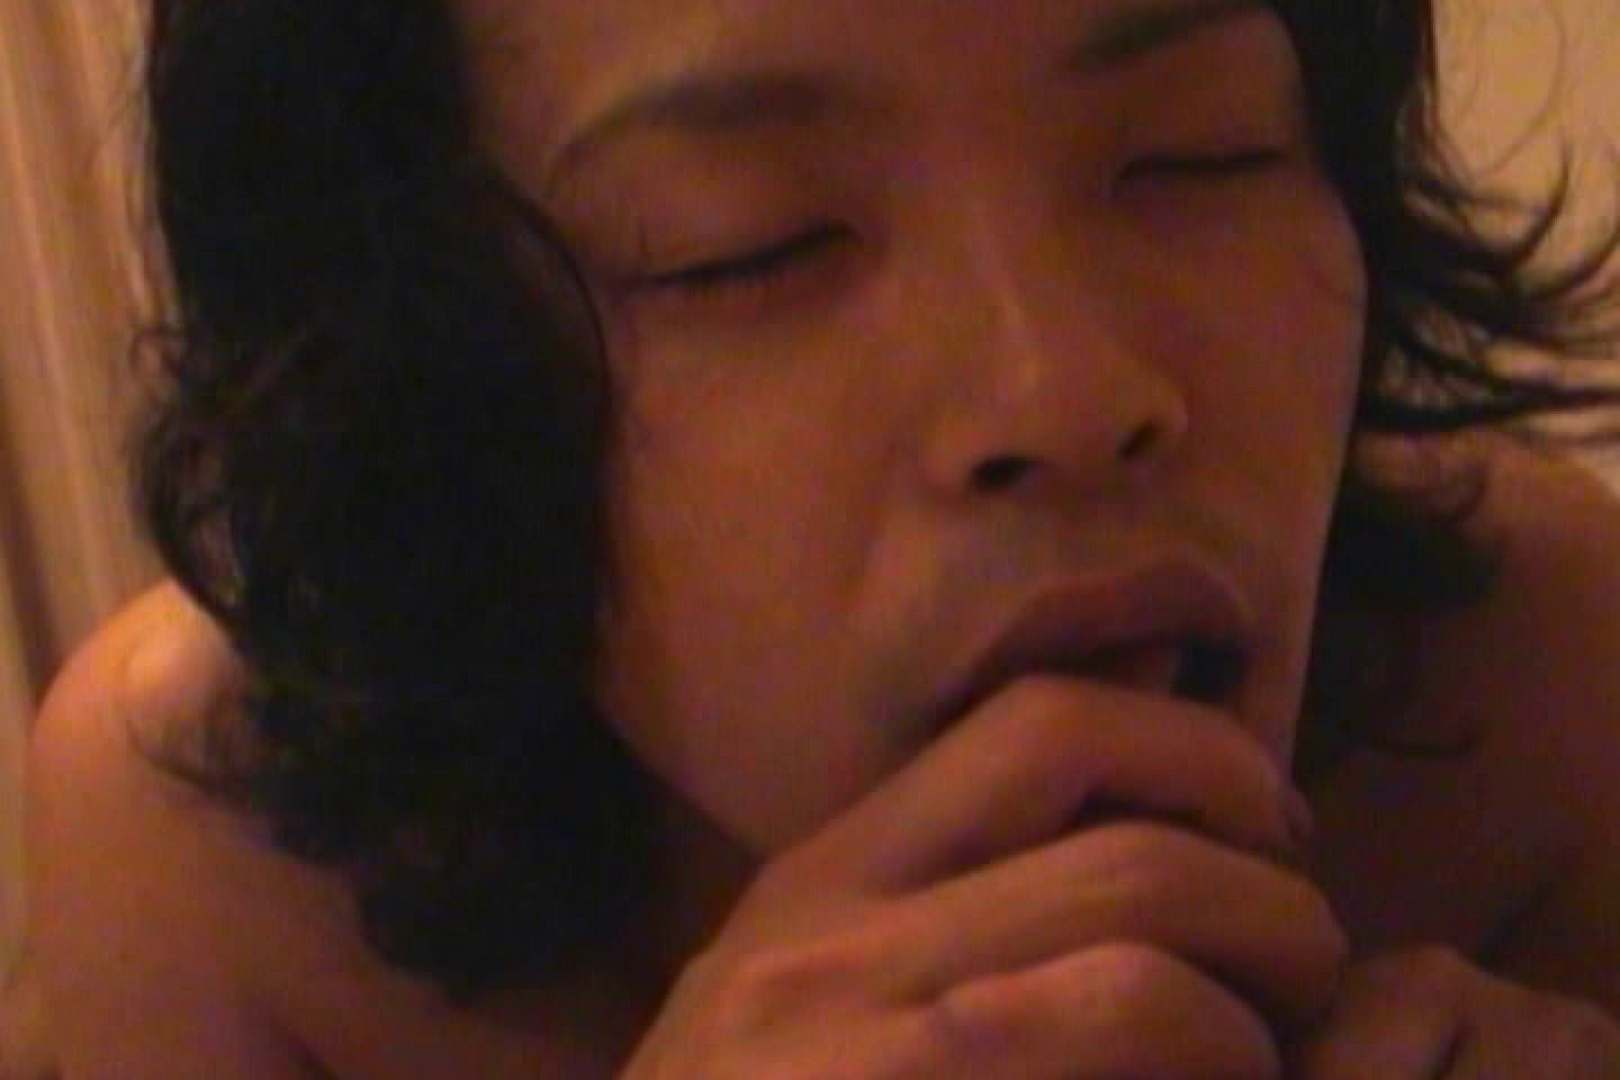 独占イケメンゲッチュー!前編 期間限定配信 お手で! 男同士動画 110pic 98